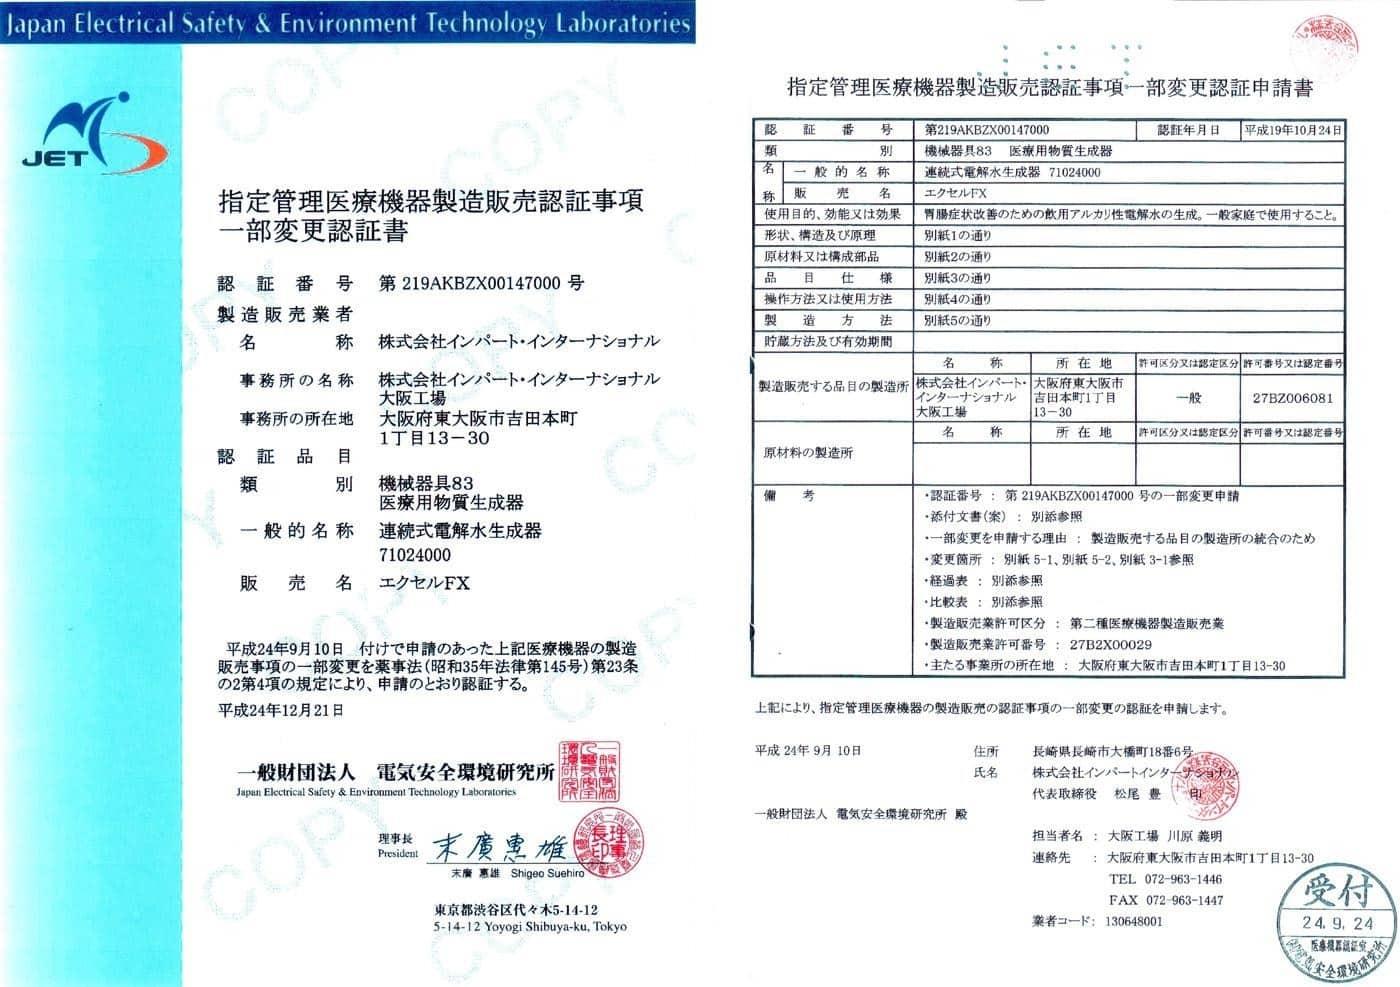 Máy lọc nước Impart Excel-EX (MX-33)